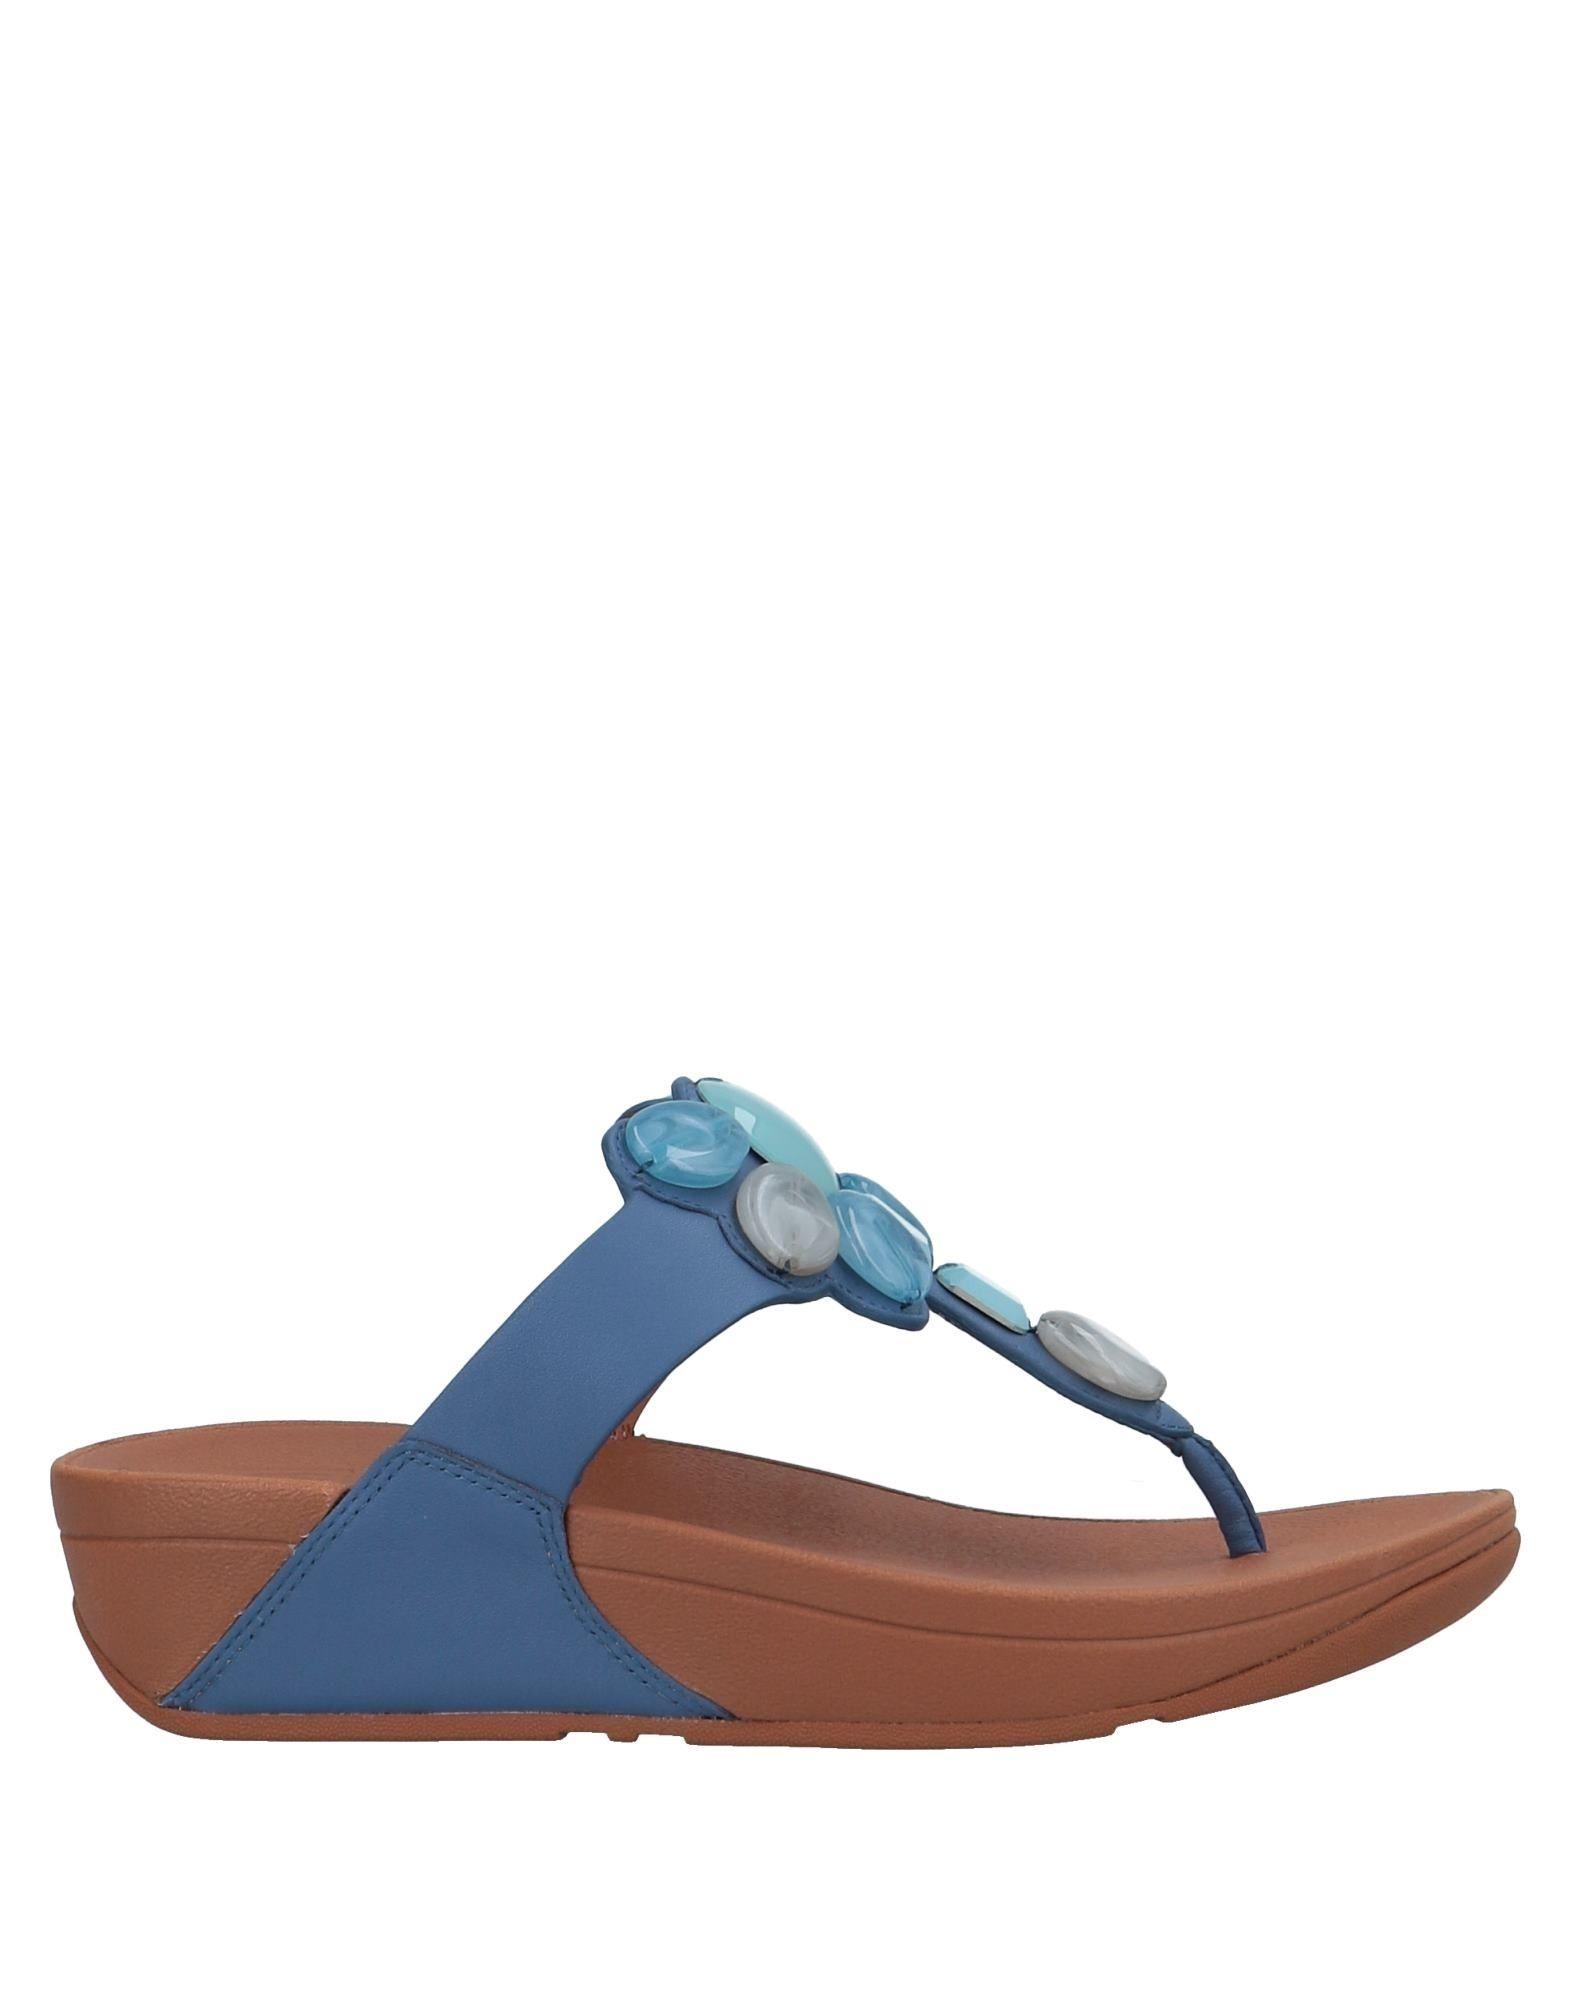 Fitflop Flip Flops - Women Fitflop Flip Flops online 11575850JP on  Australia - 11575850JP online ffd19b